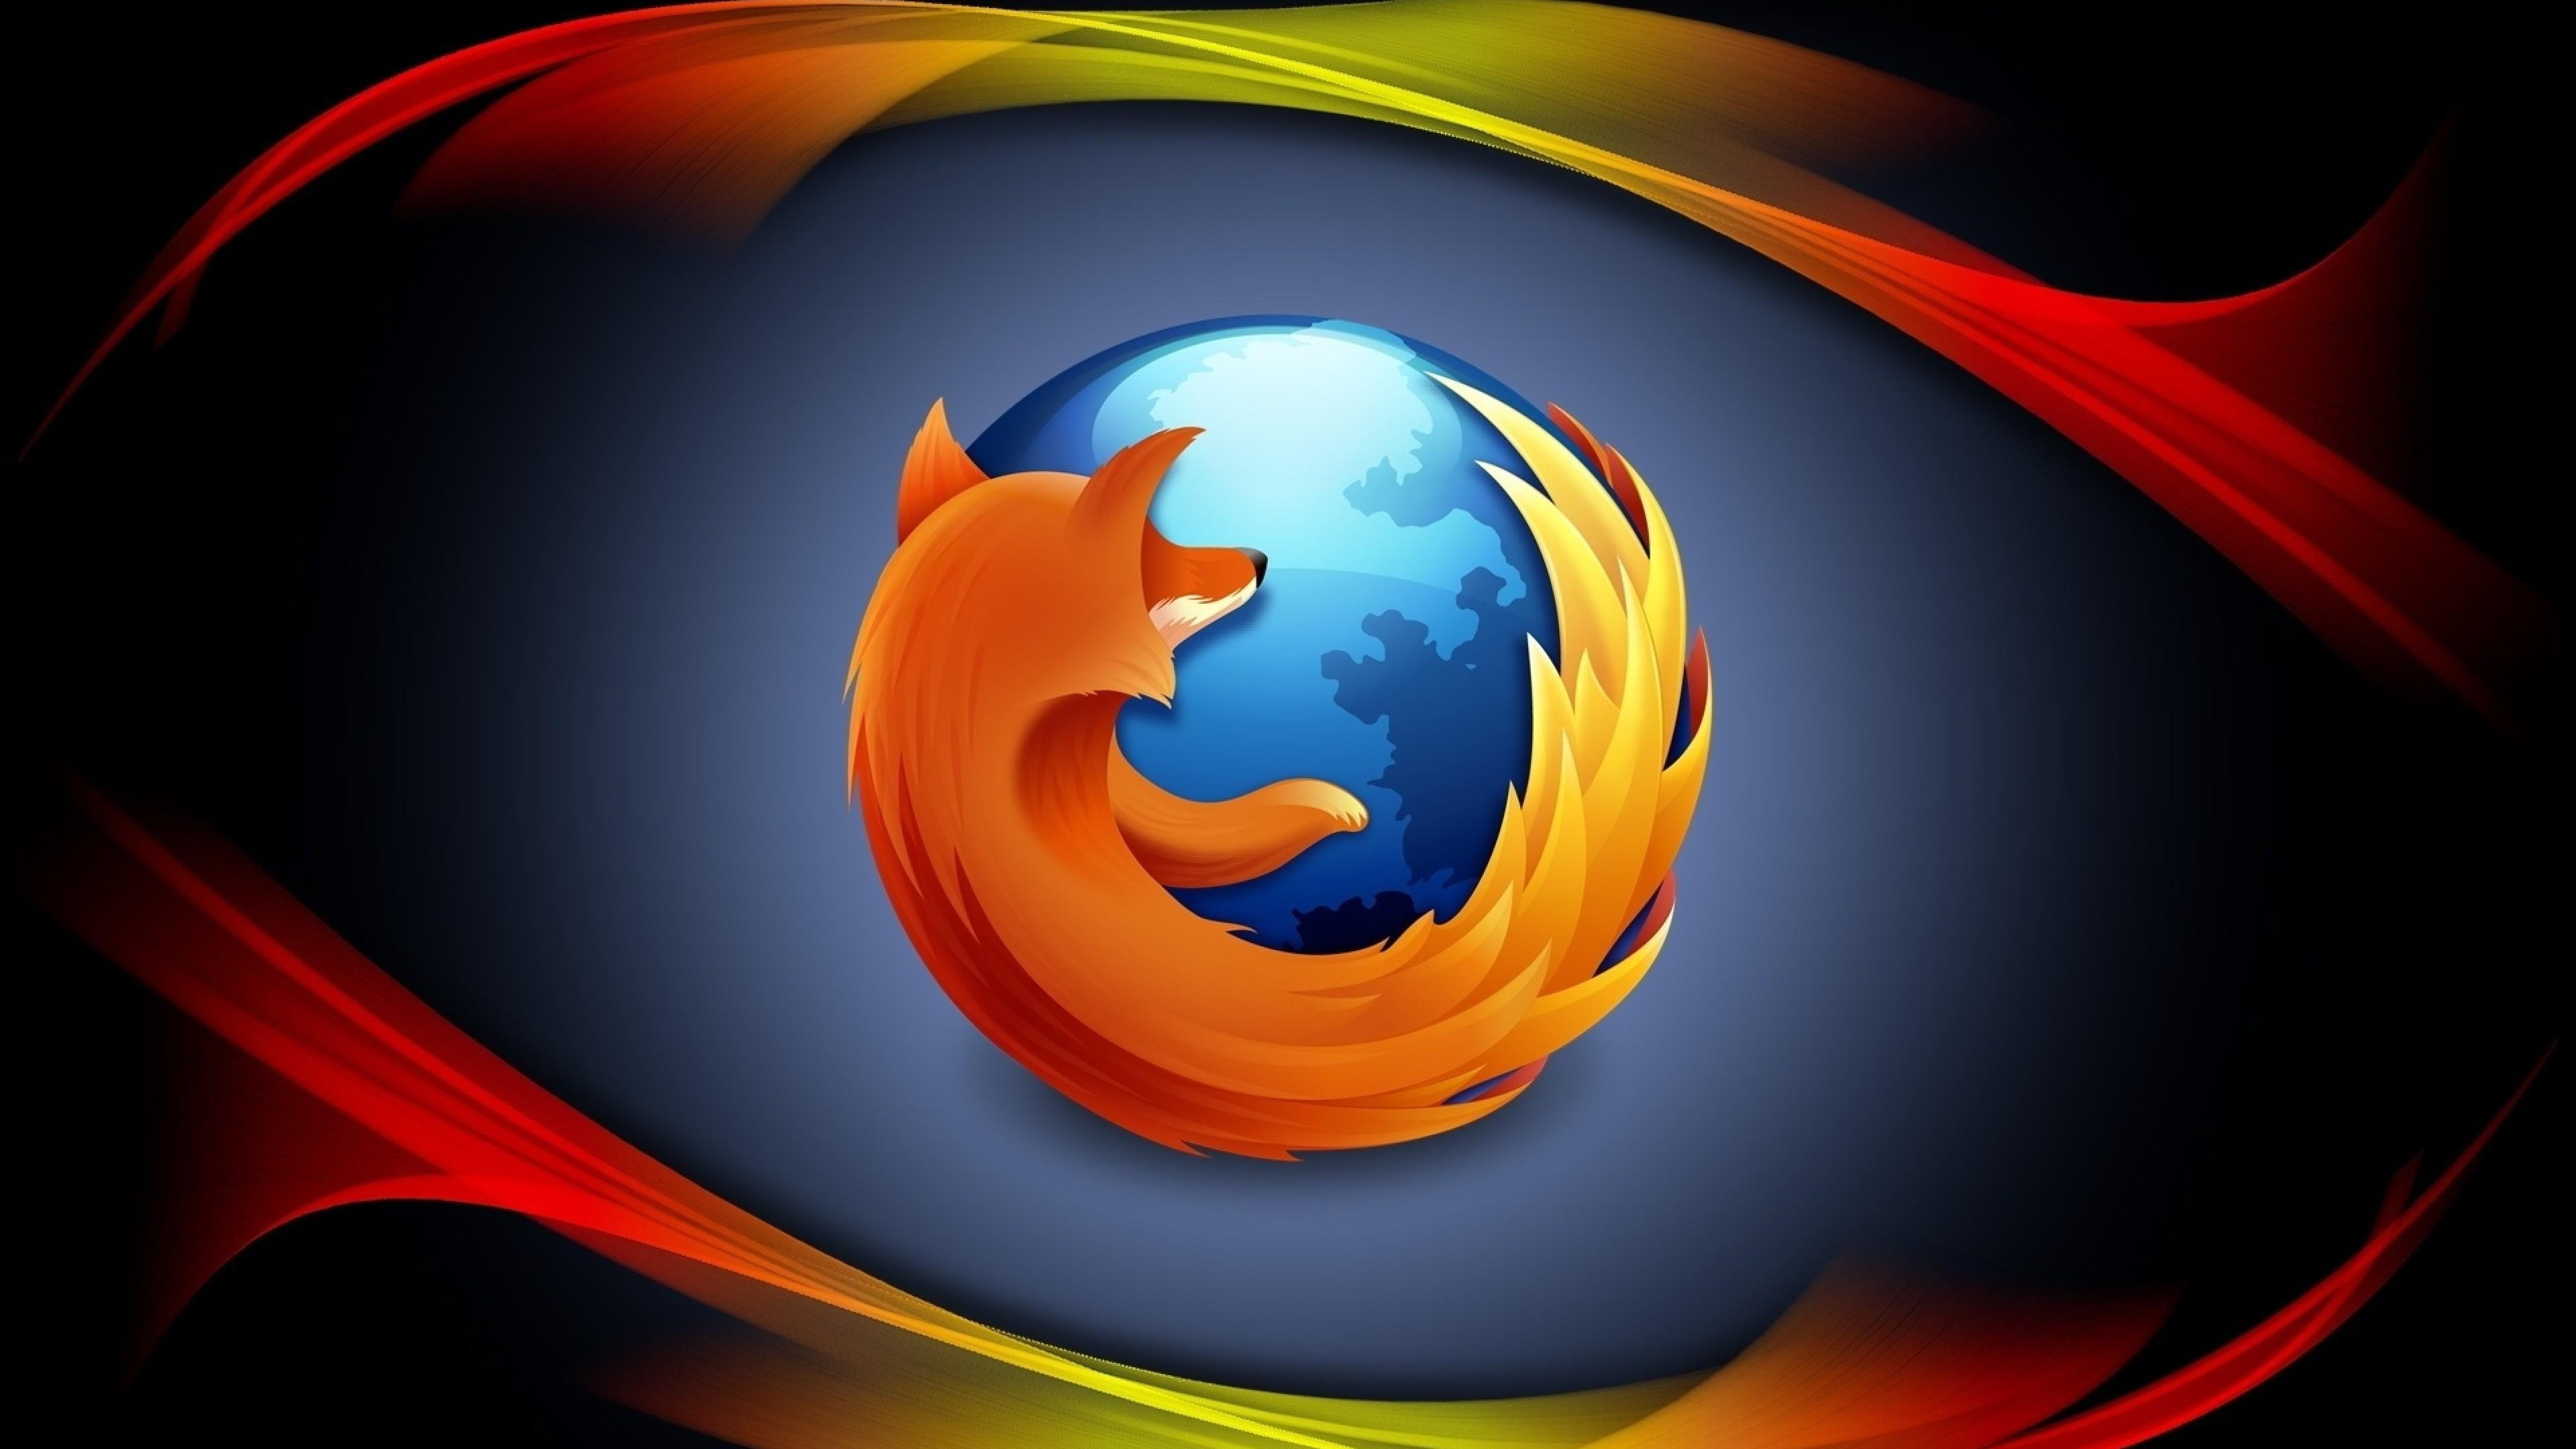 Mozilla Firefox Background 55 Images